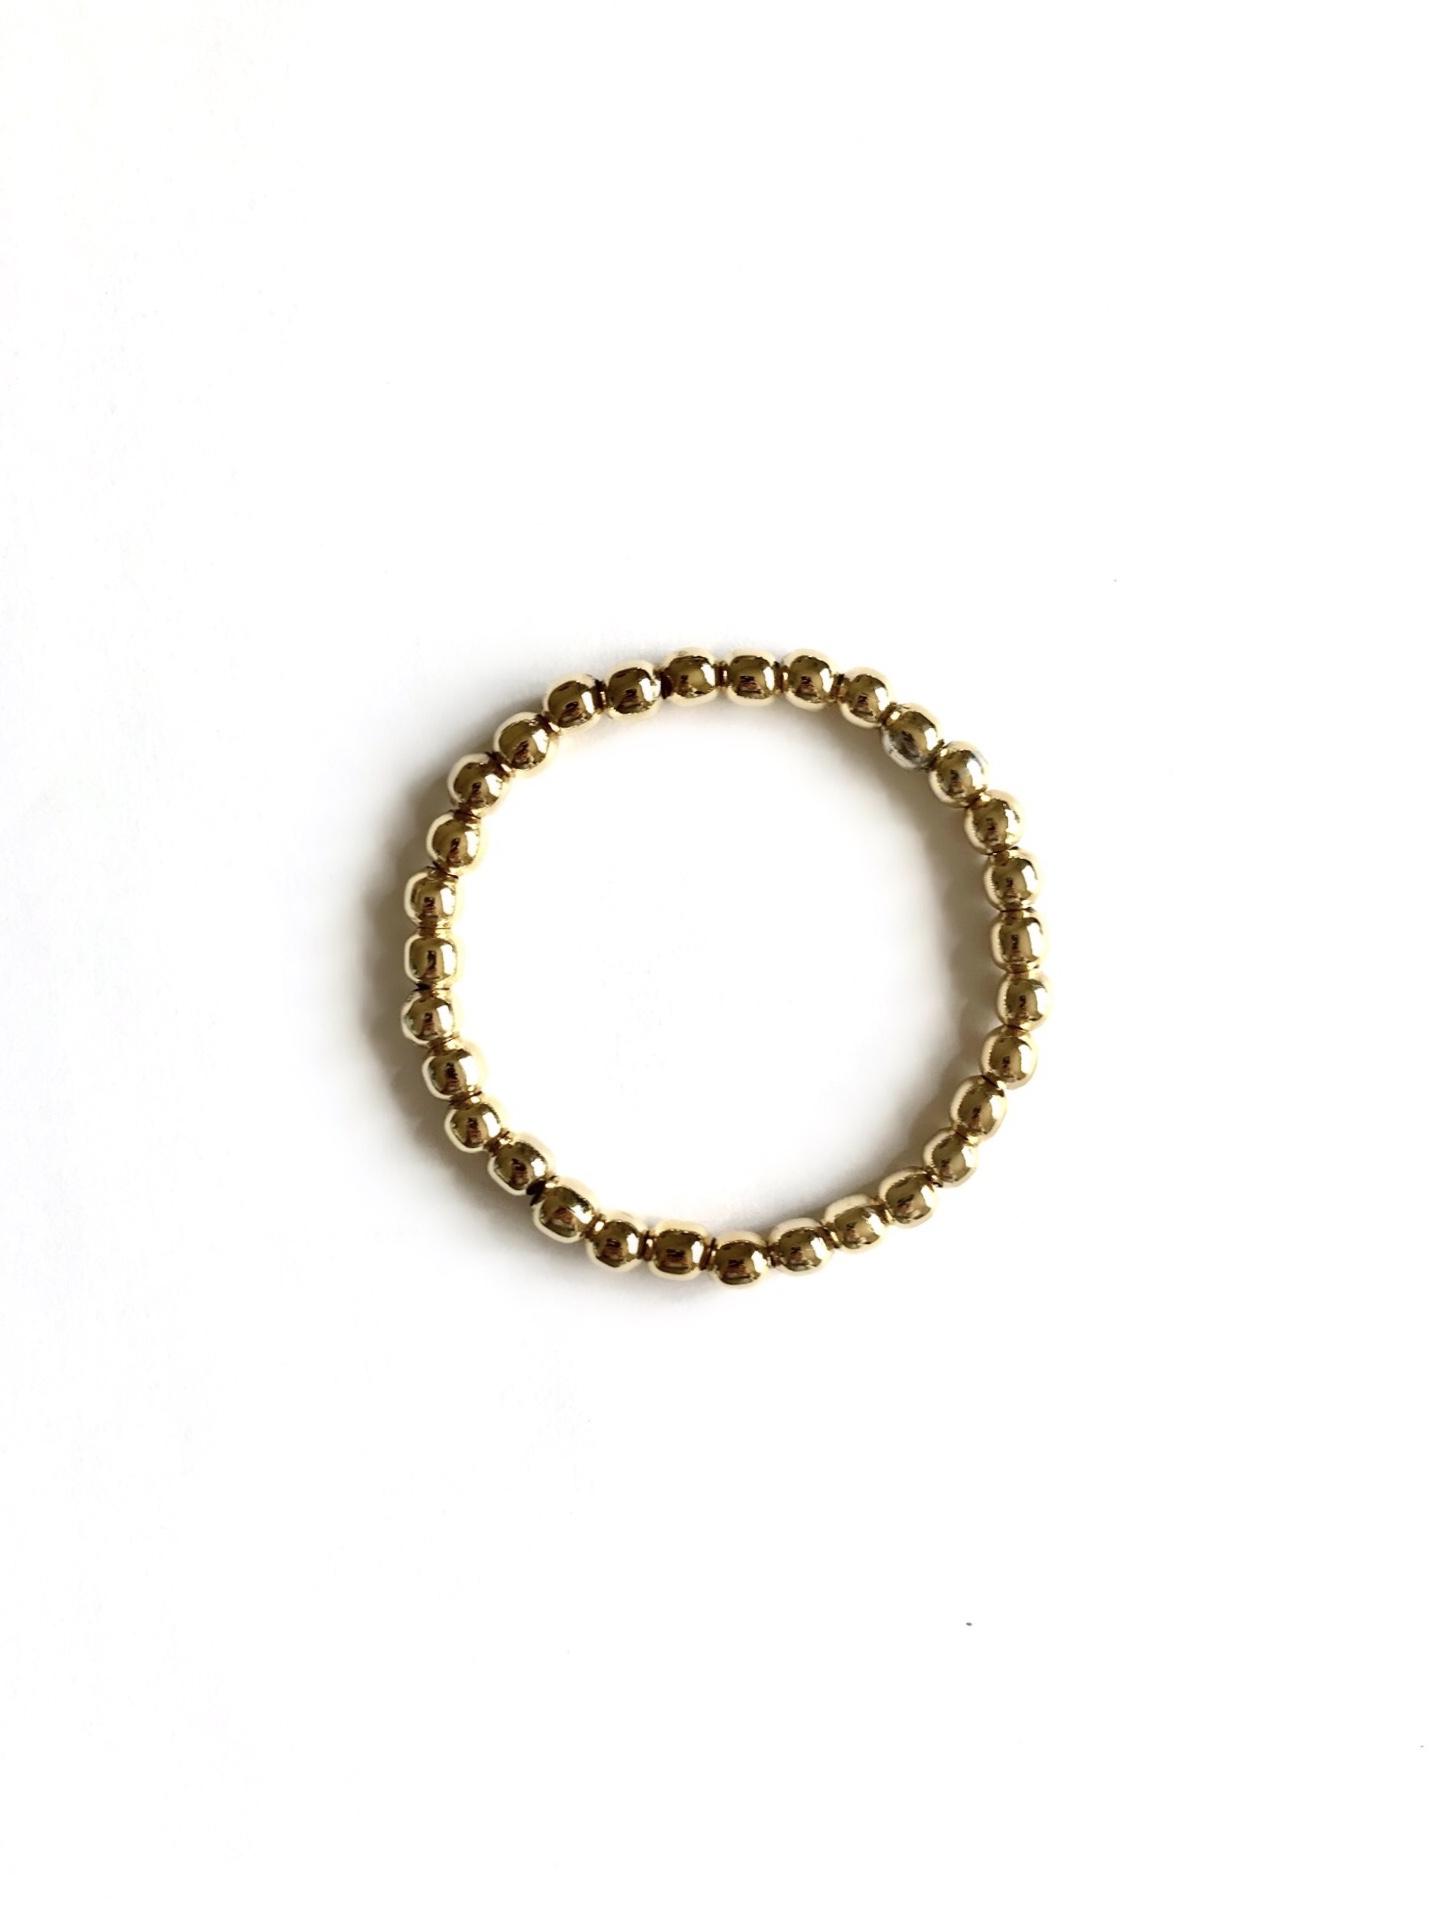 6mm Stacking Bracelet